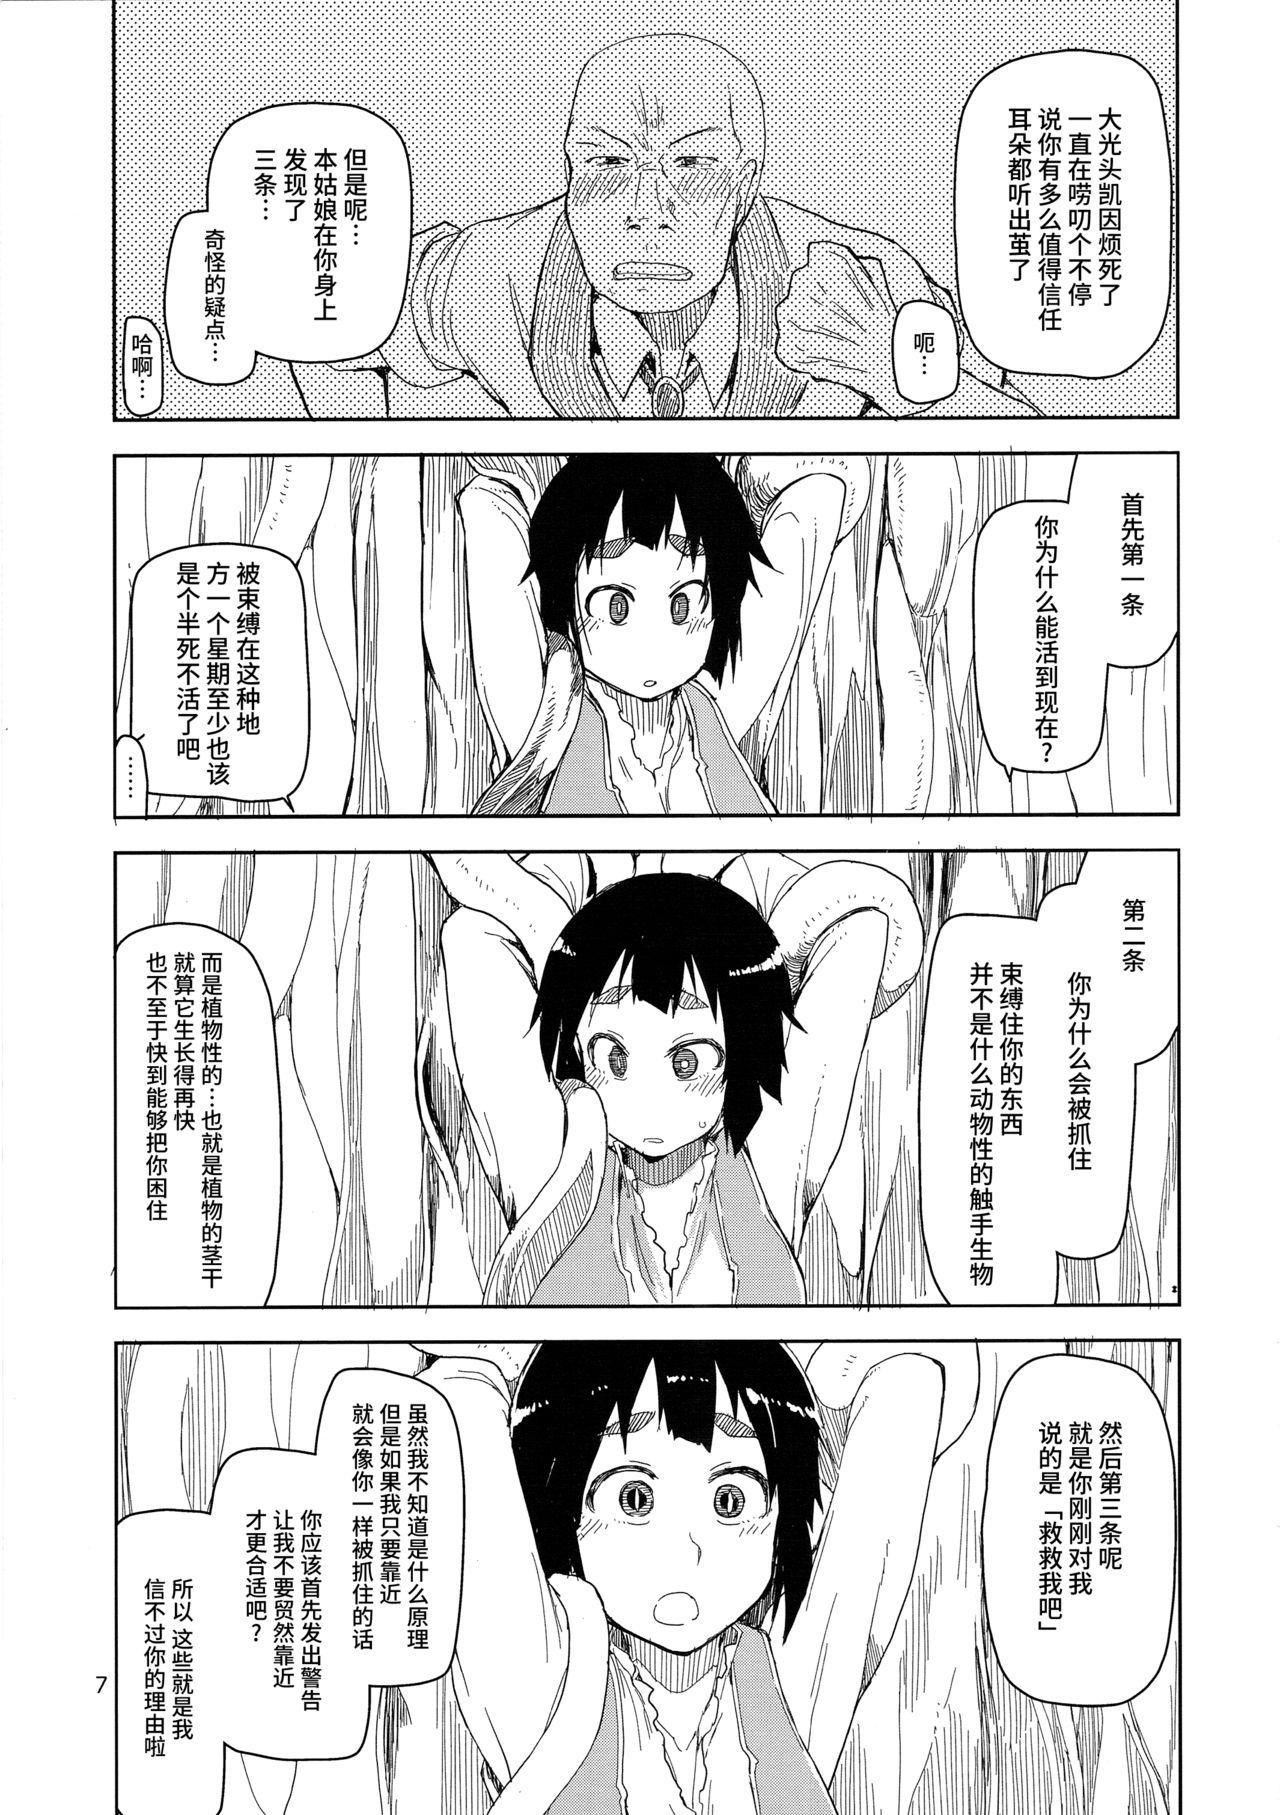 Dosukebe Elf no Ishukan Nikki 2 7